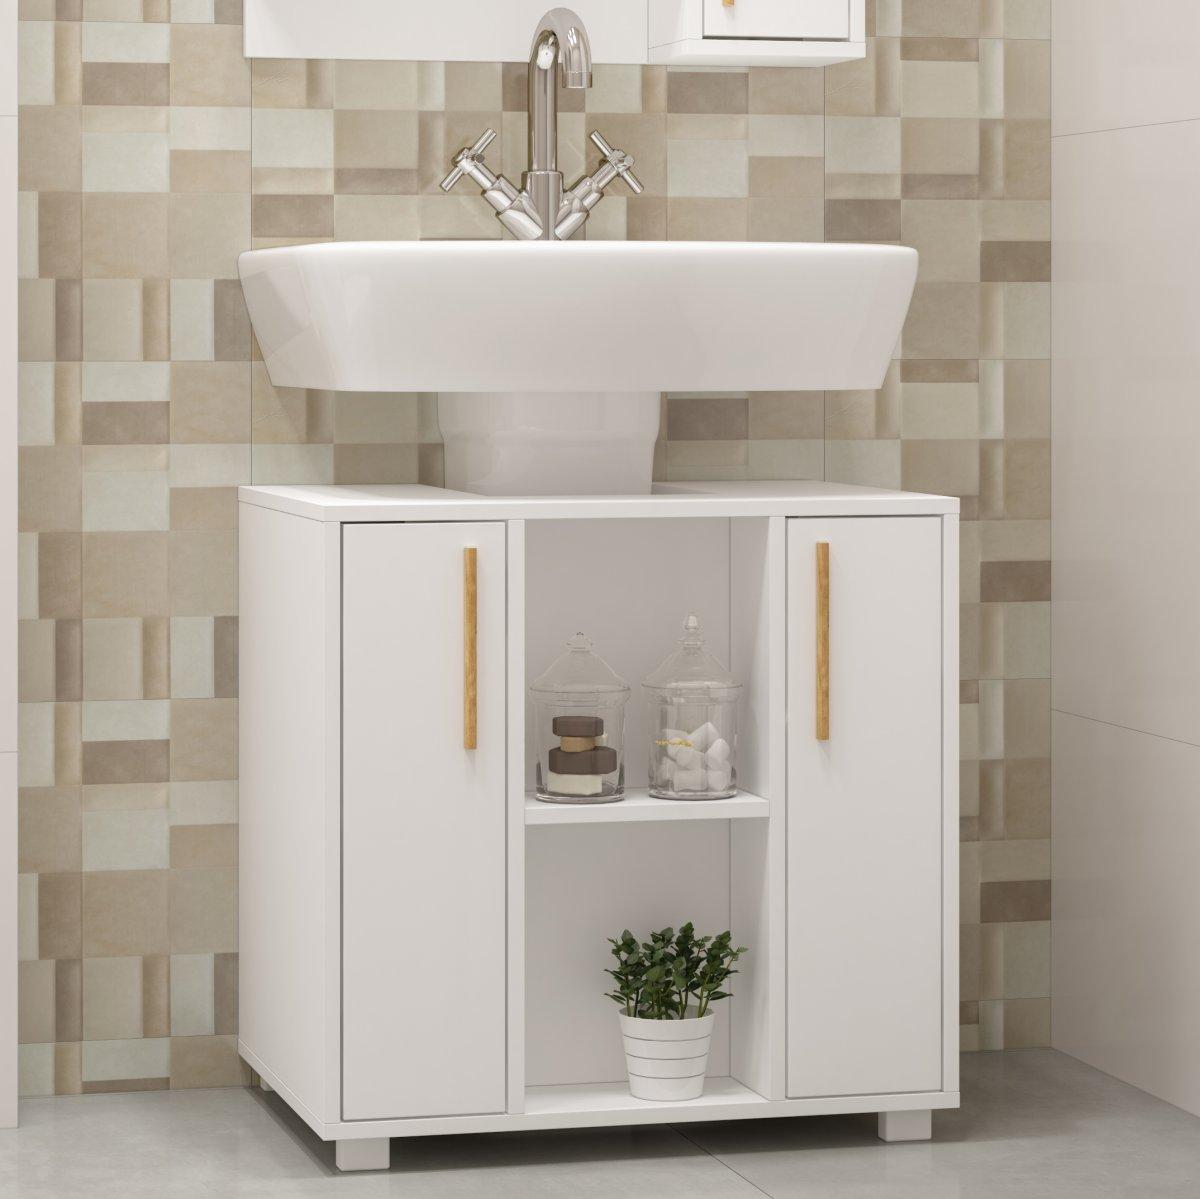 Balcão Para Banheiro Linha Versa Bbn 08 Brv Móveis